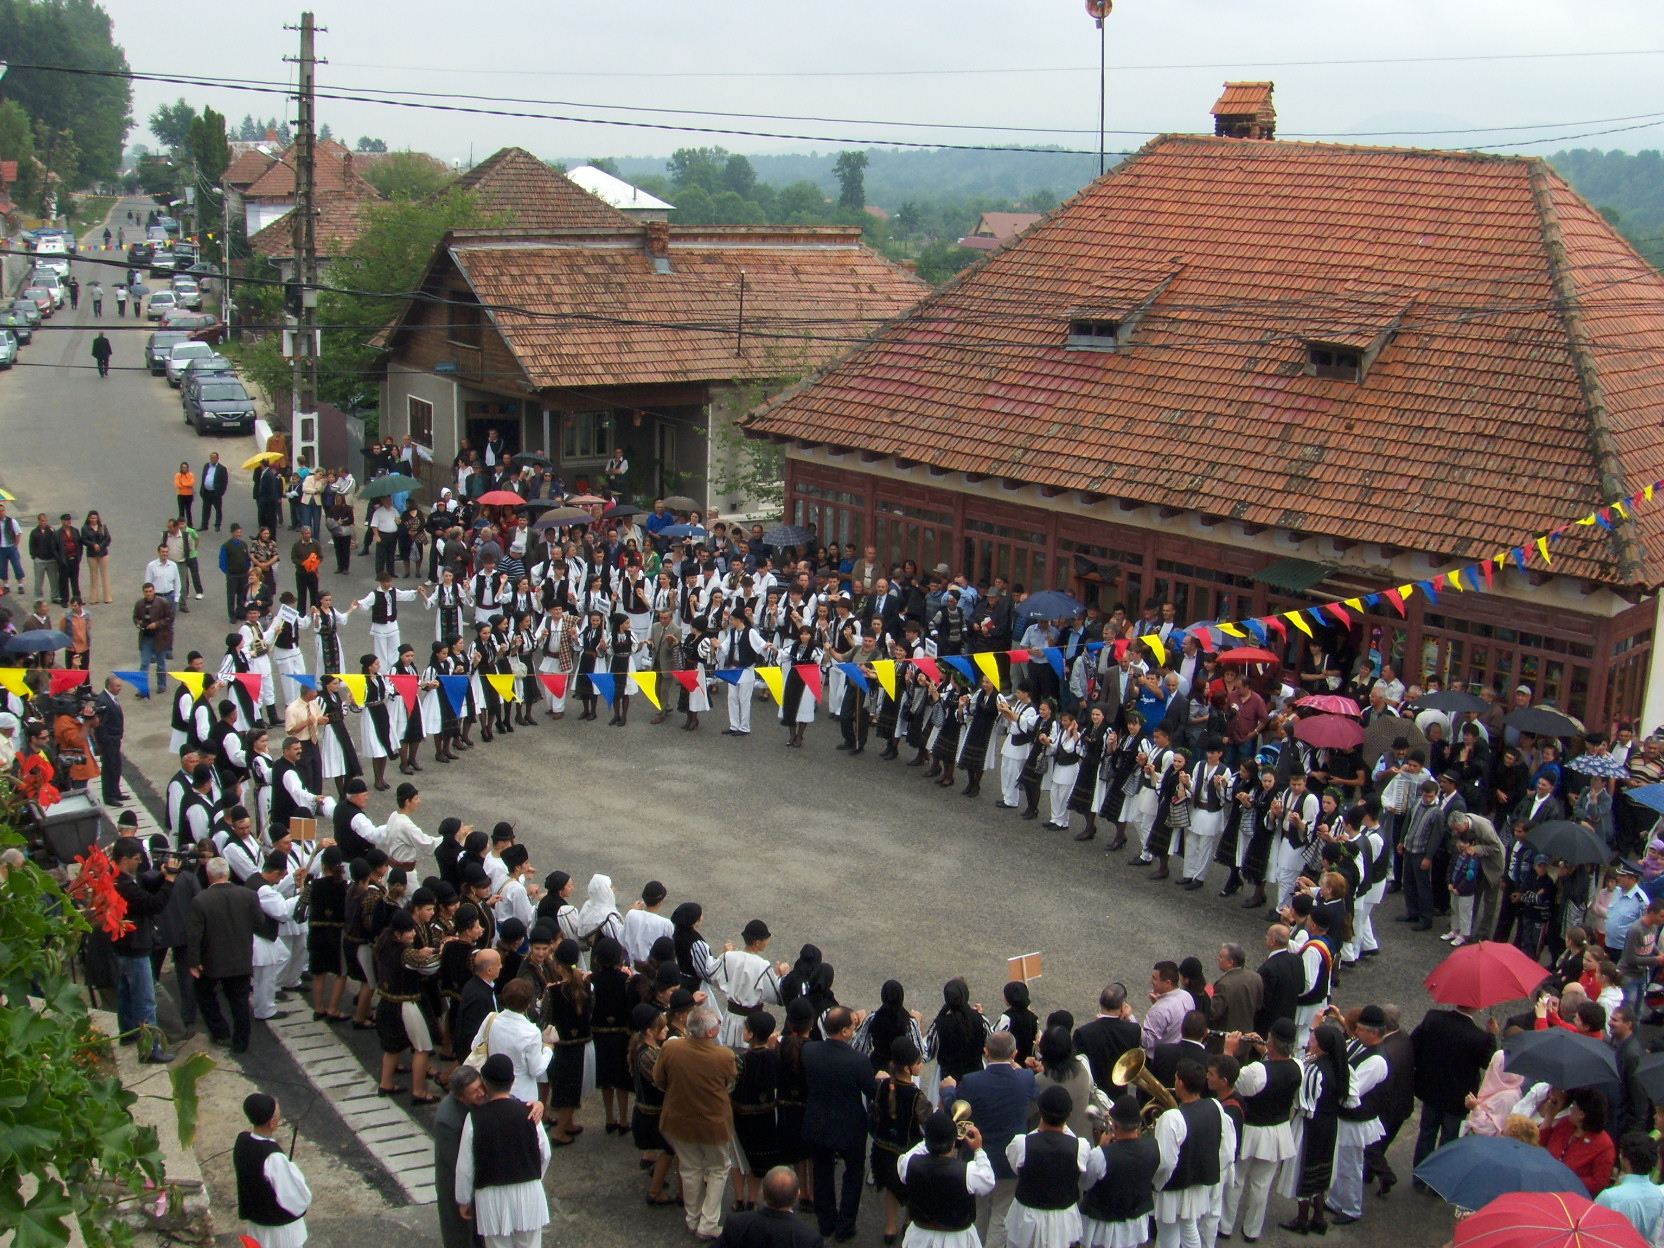 """La cea de-a 50-a ediţie, Festivalul de folclor """"Învârtita Dorului"""" reuneşte ansambluri din toate zonele ţării"""